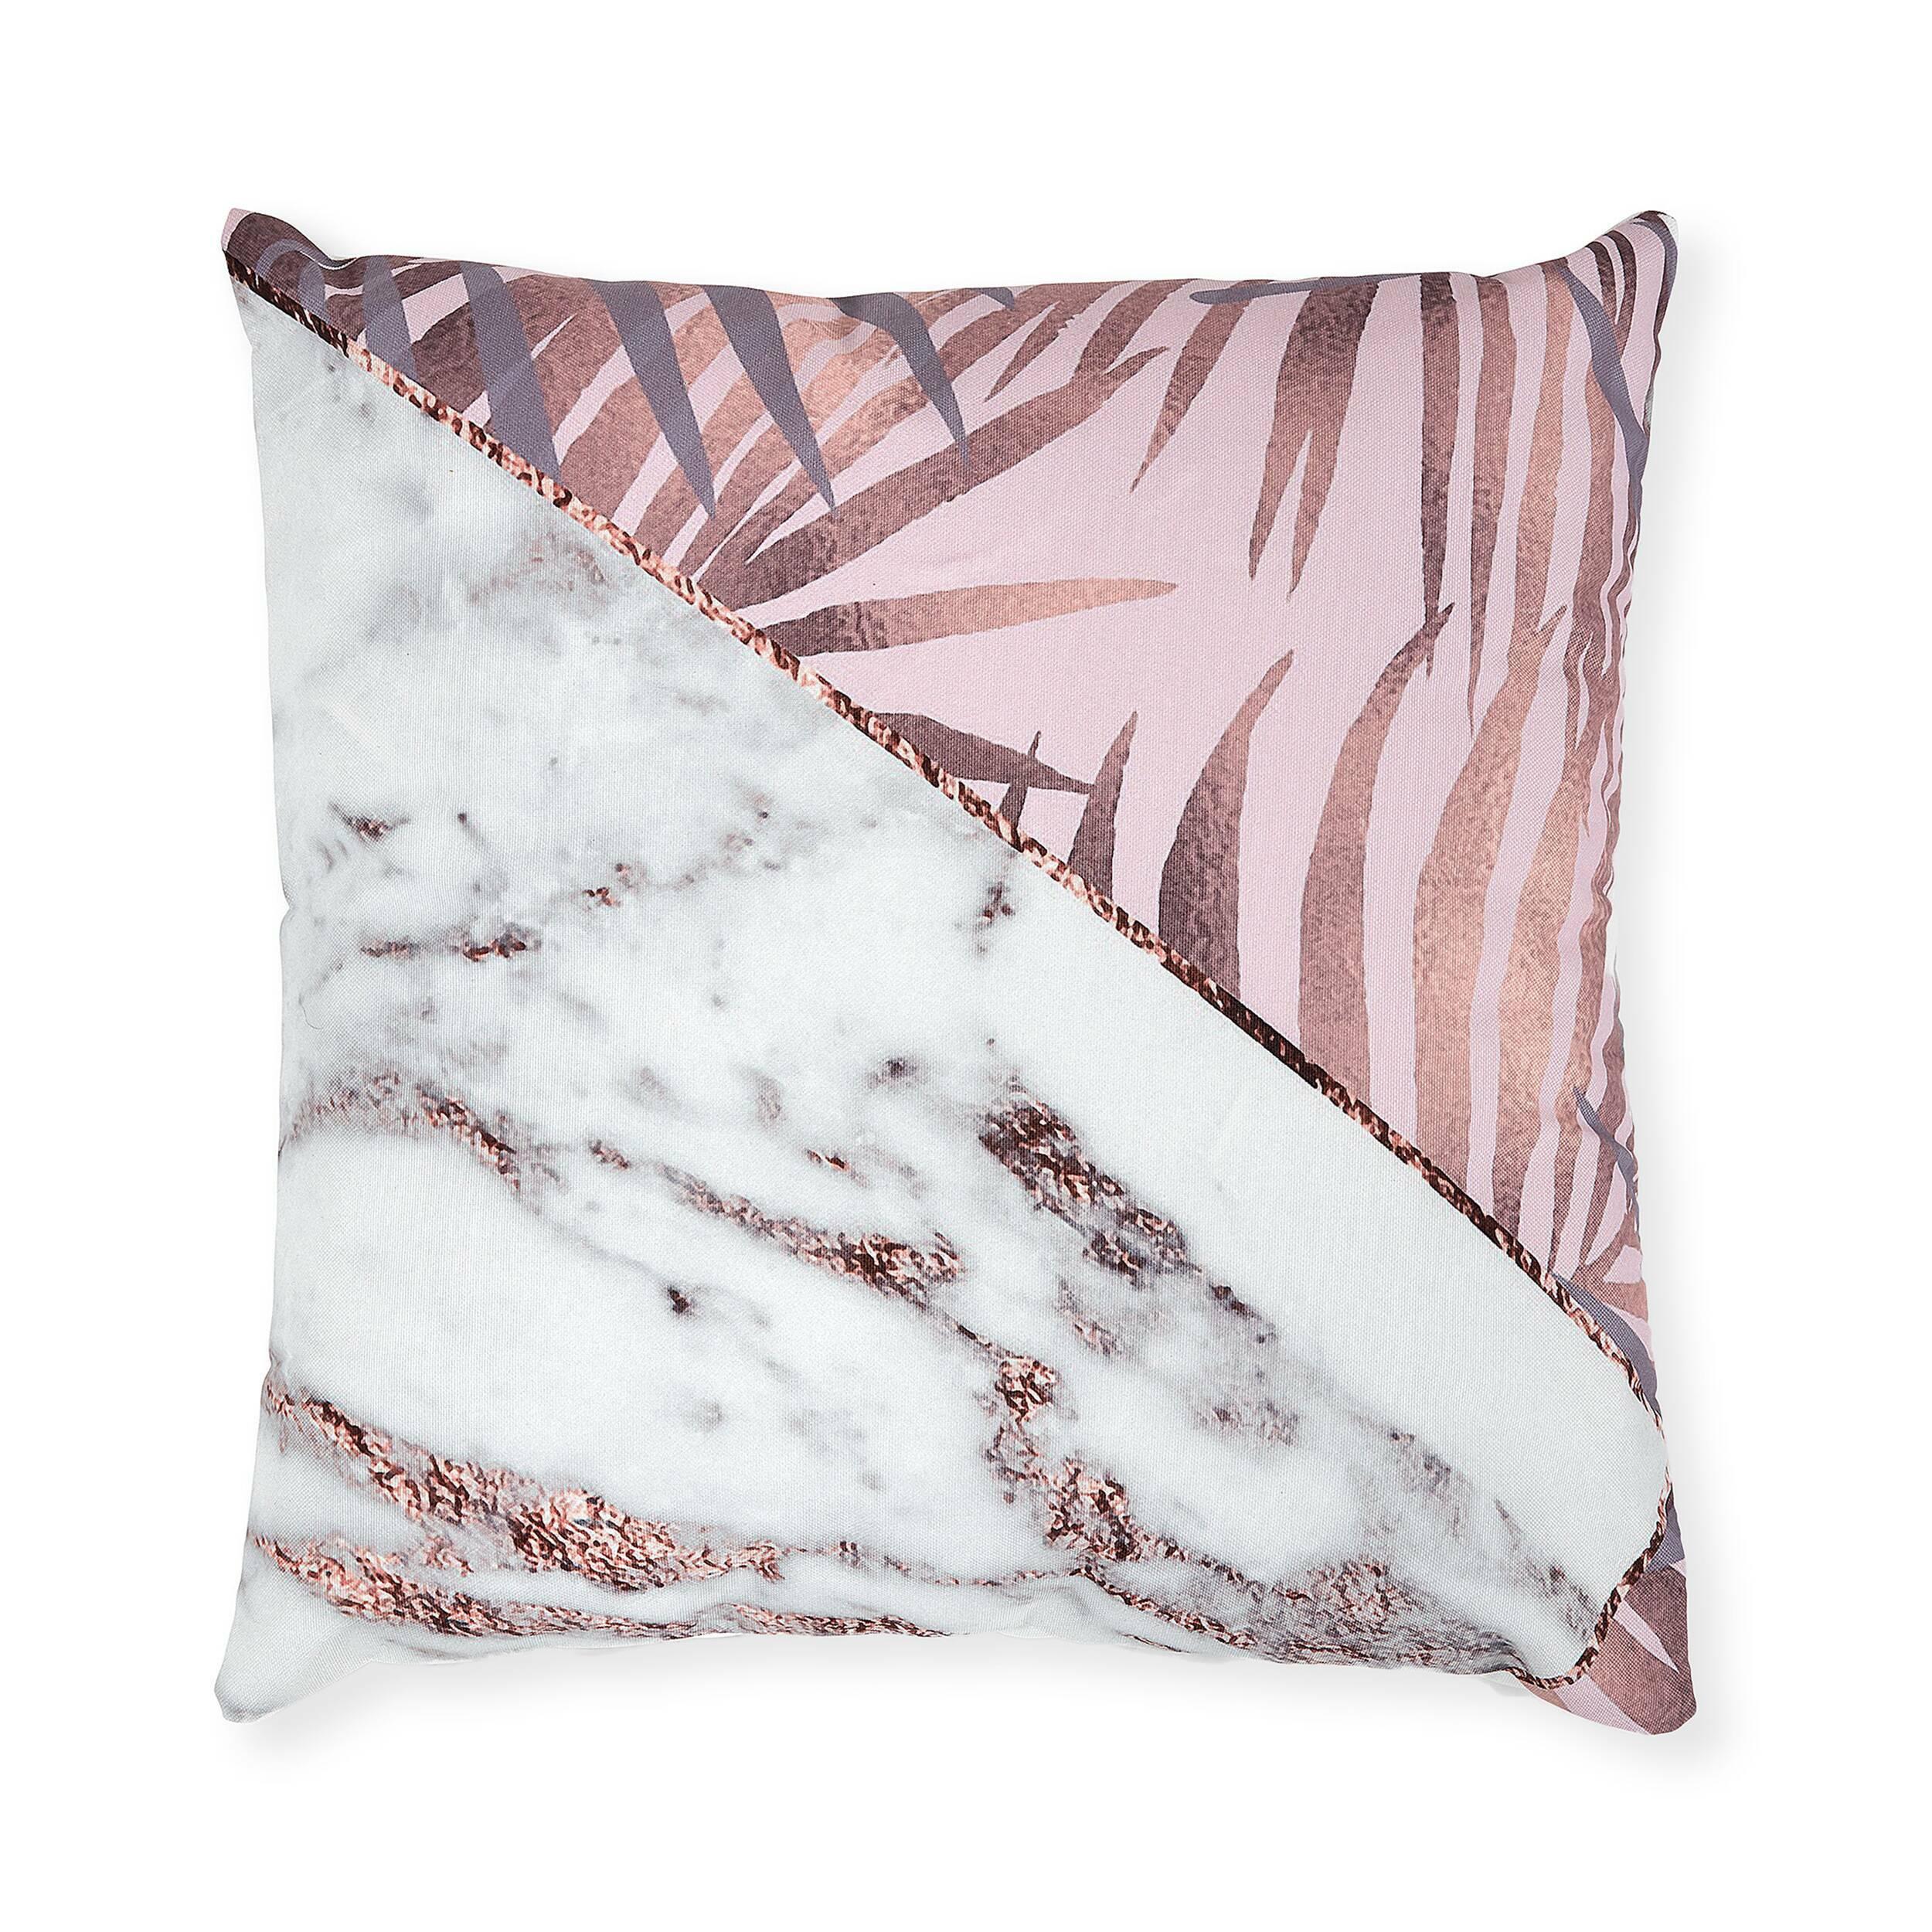 Купить Подушка JUMO 45x45 бело-розовый, Cosmo, Белый, Розовый, Полиэстер